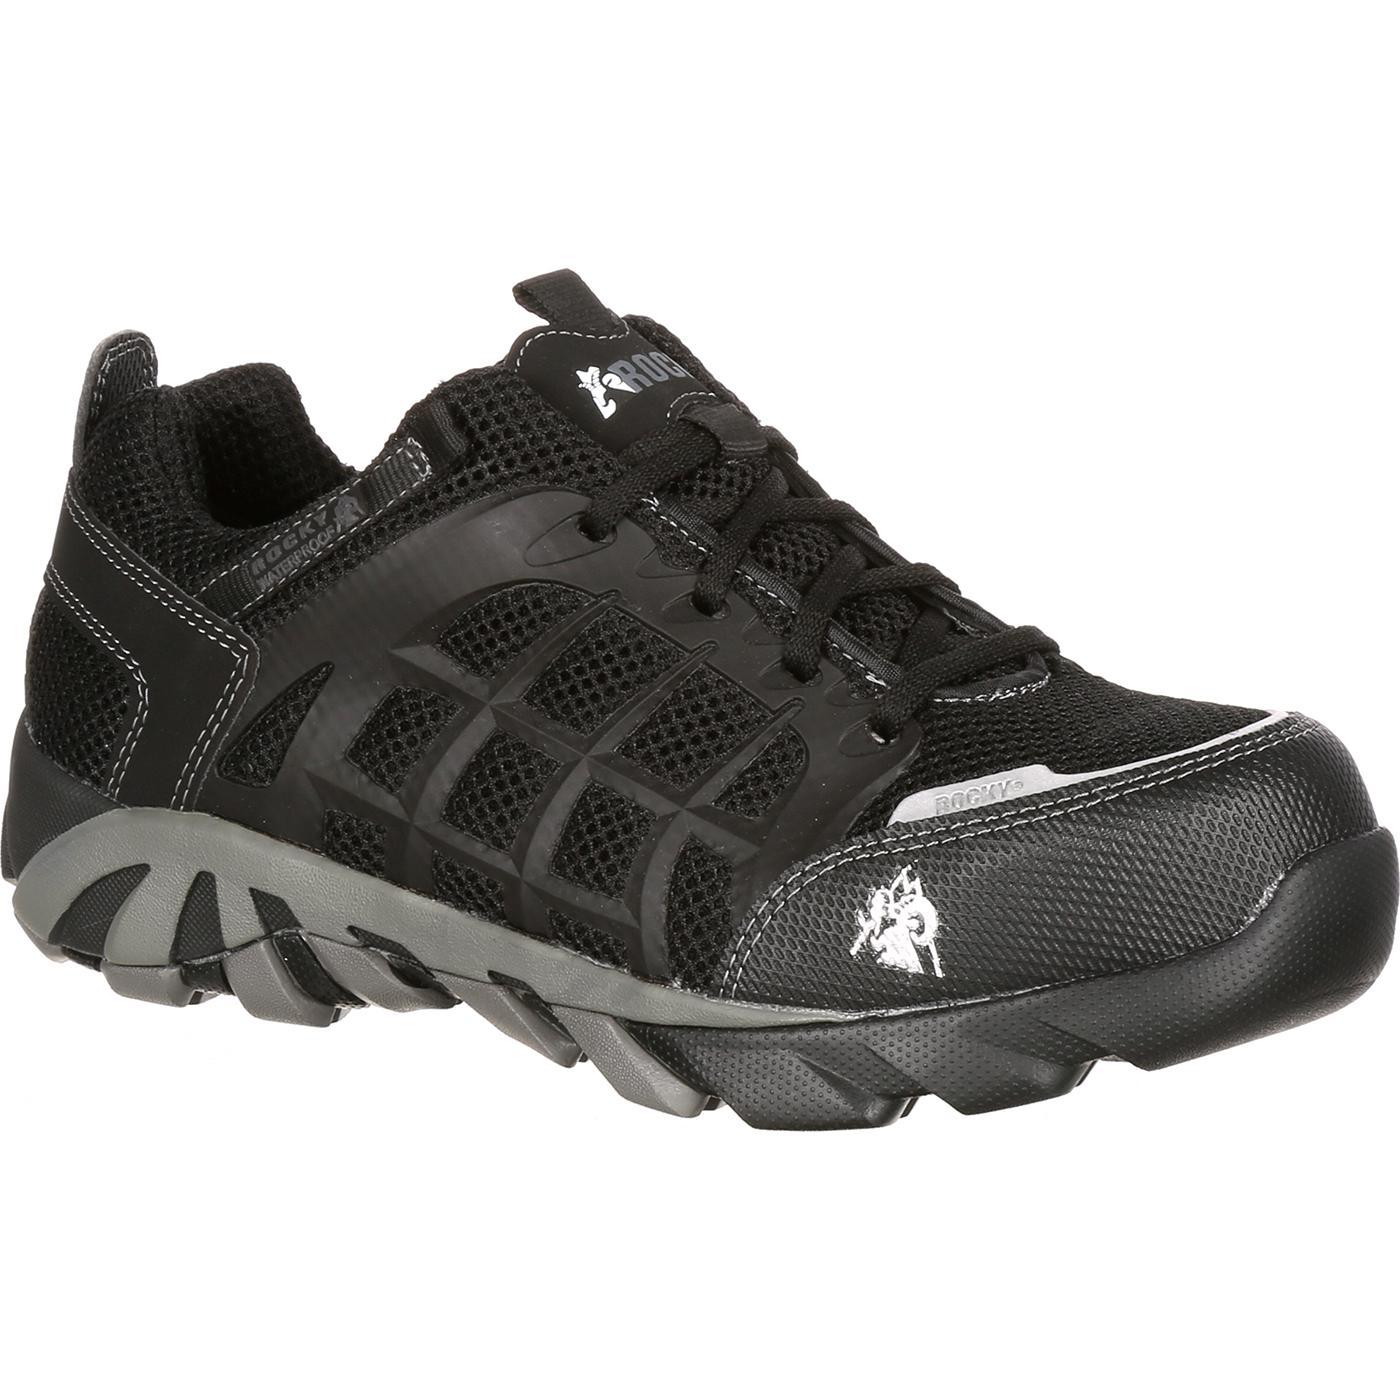 Black Composite Toe Waterproof Sneaker Rocky Trailblade